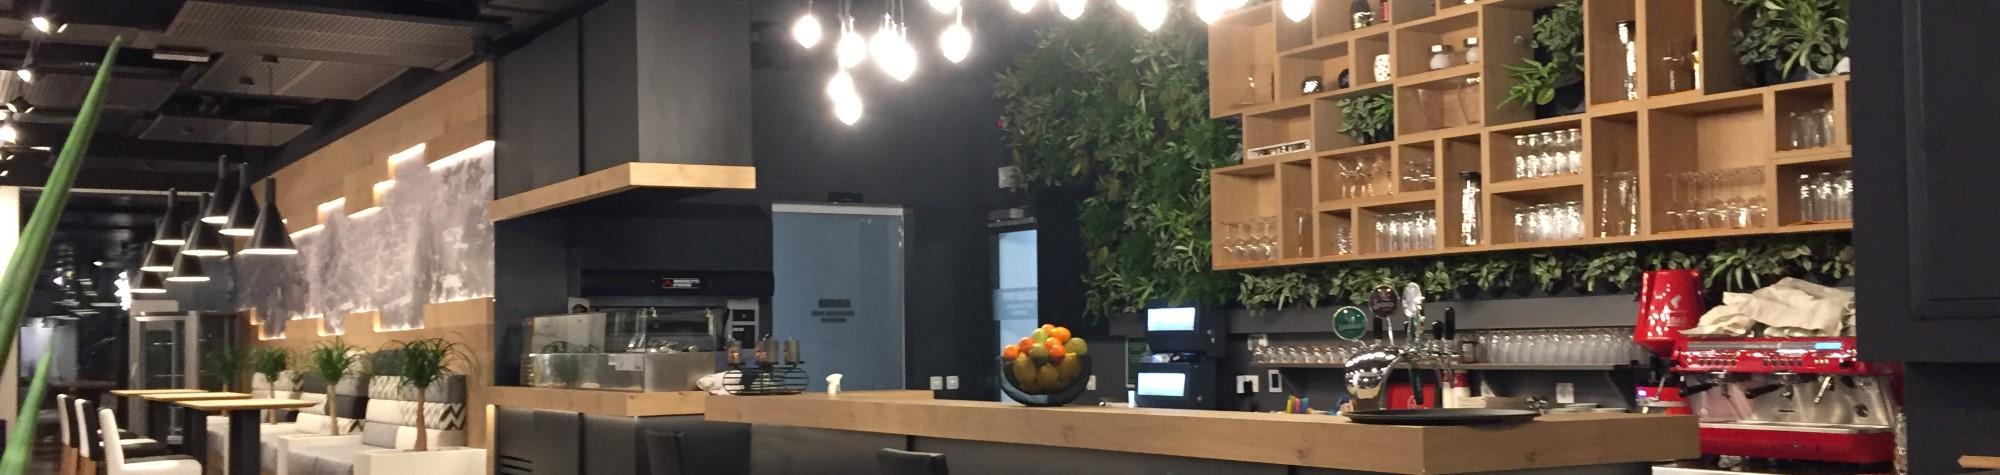 Restavracija in kavarna K5